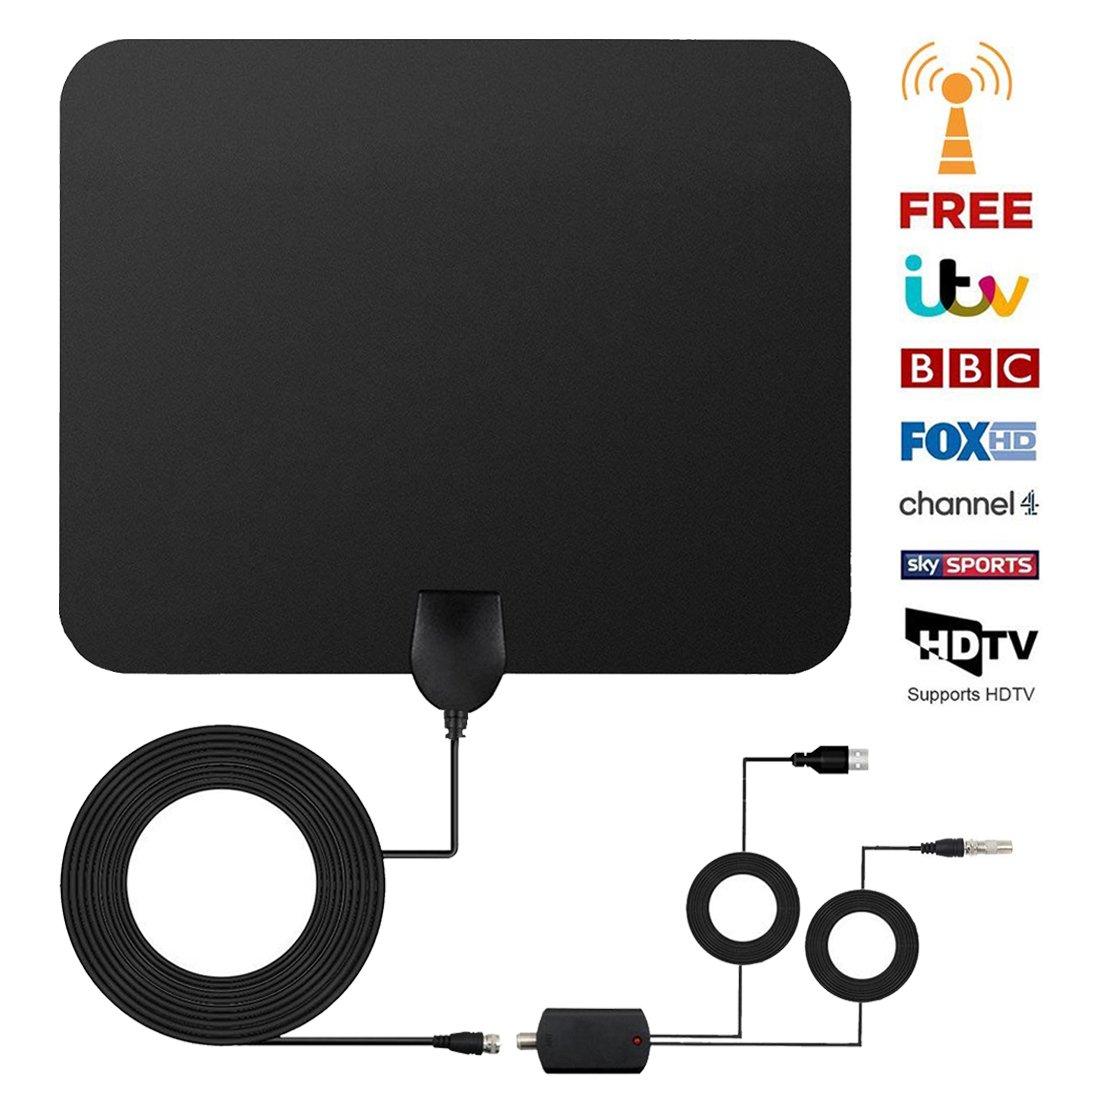 [Nueva versión 2018] Antena TV Interior, Yihongda Antena de TV de Rango Amplificado DE 95 km (60 Millas) Antena TDT con Amplificador de señal y 3M de Cables ...